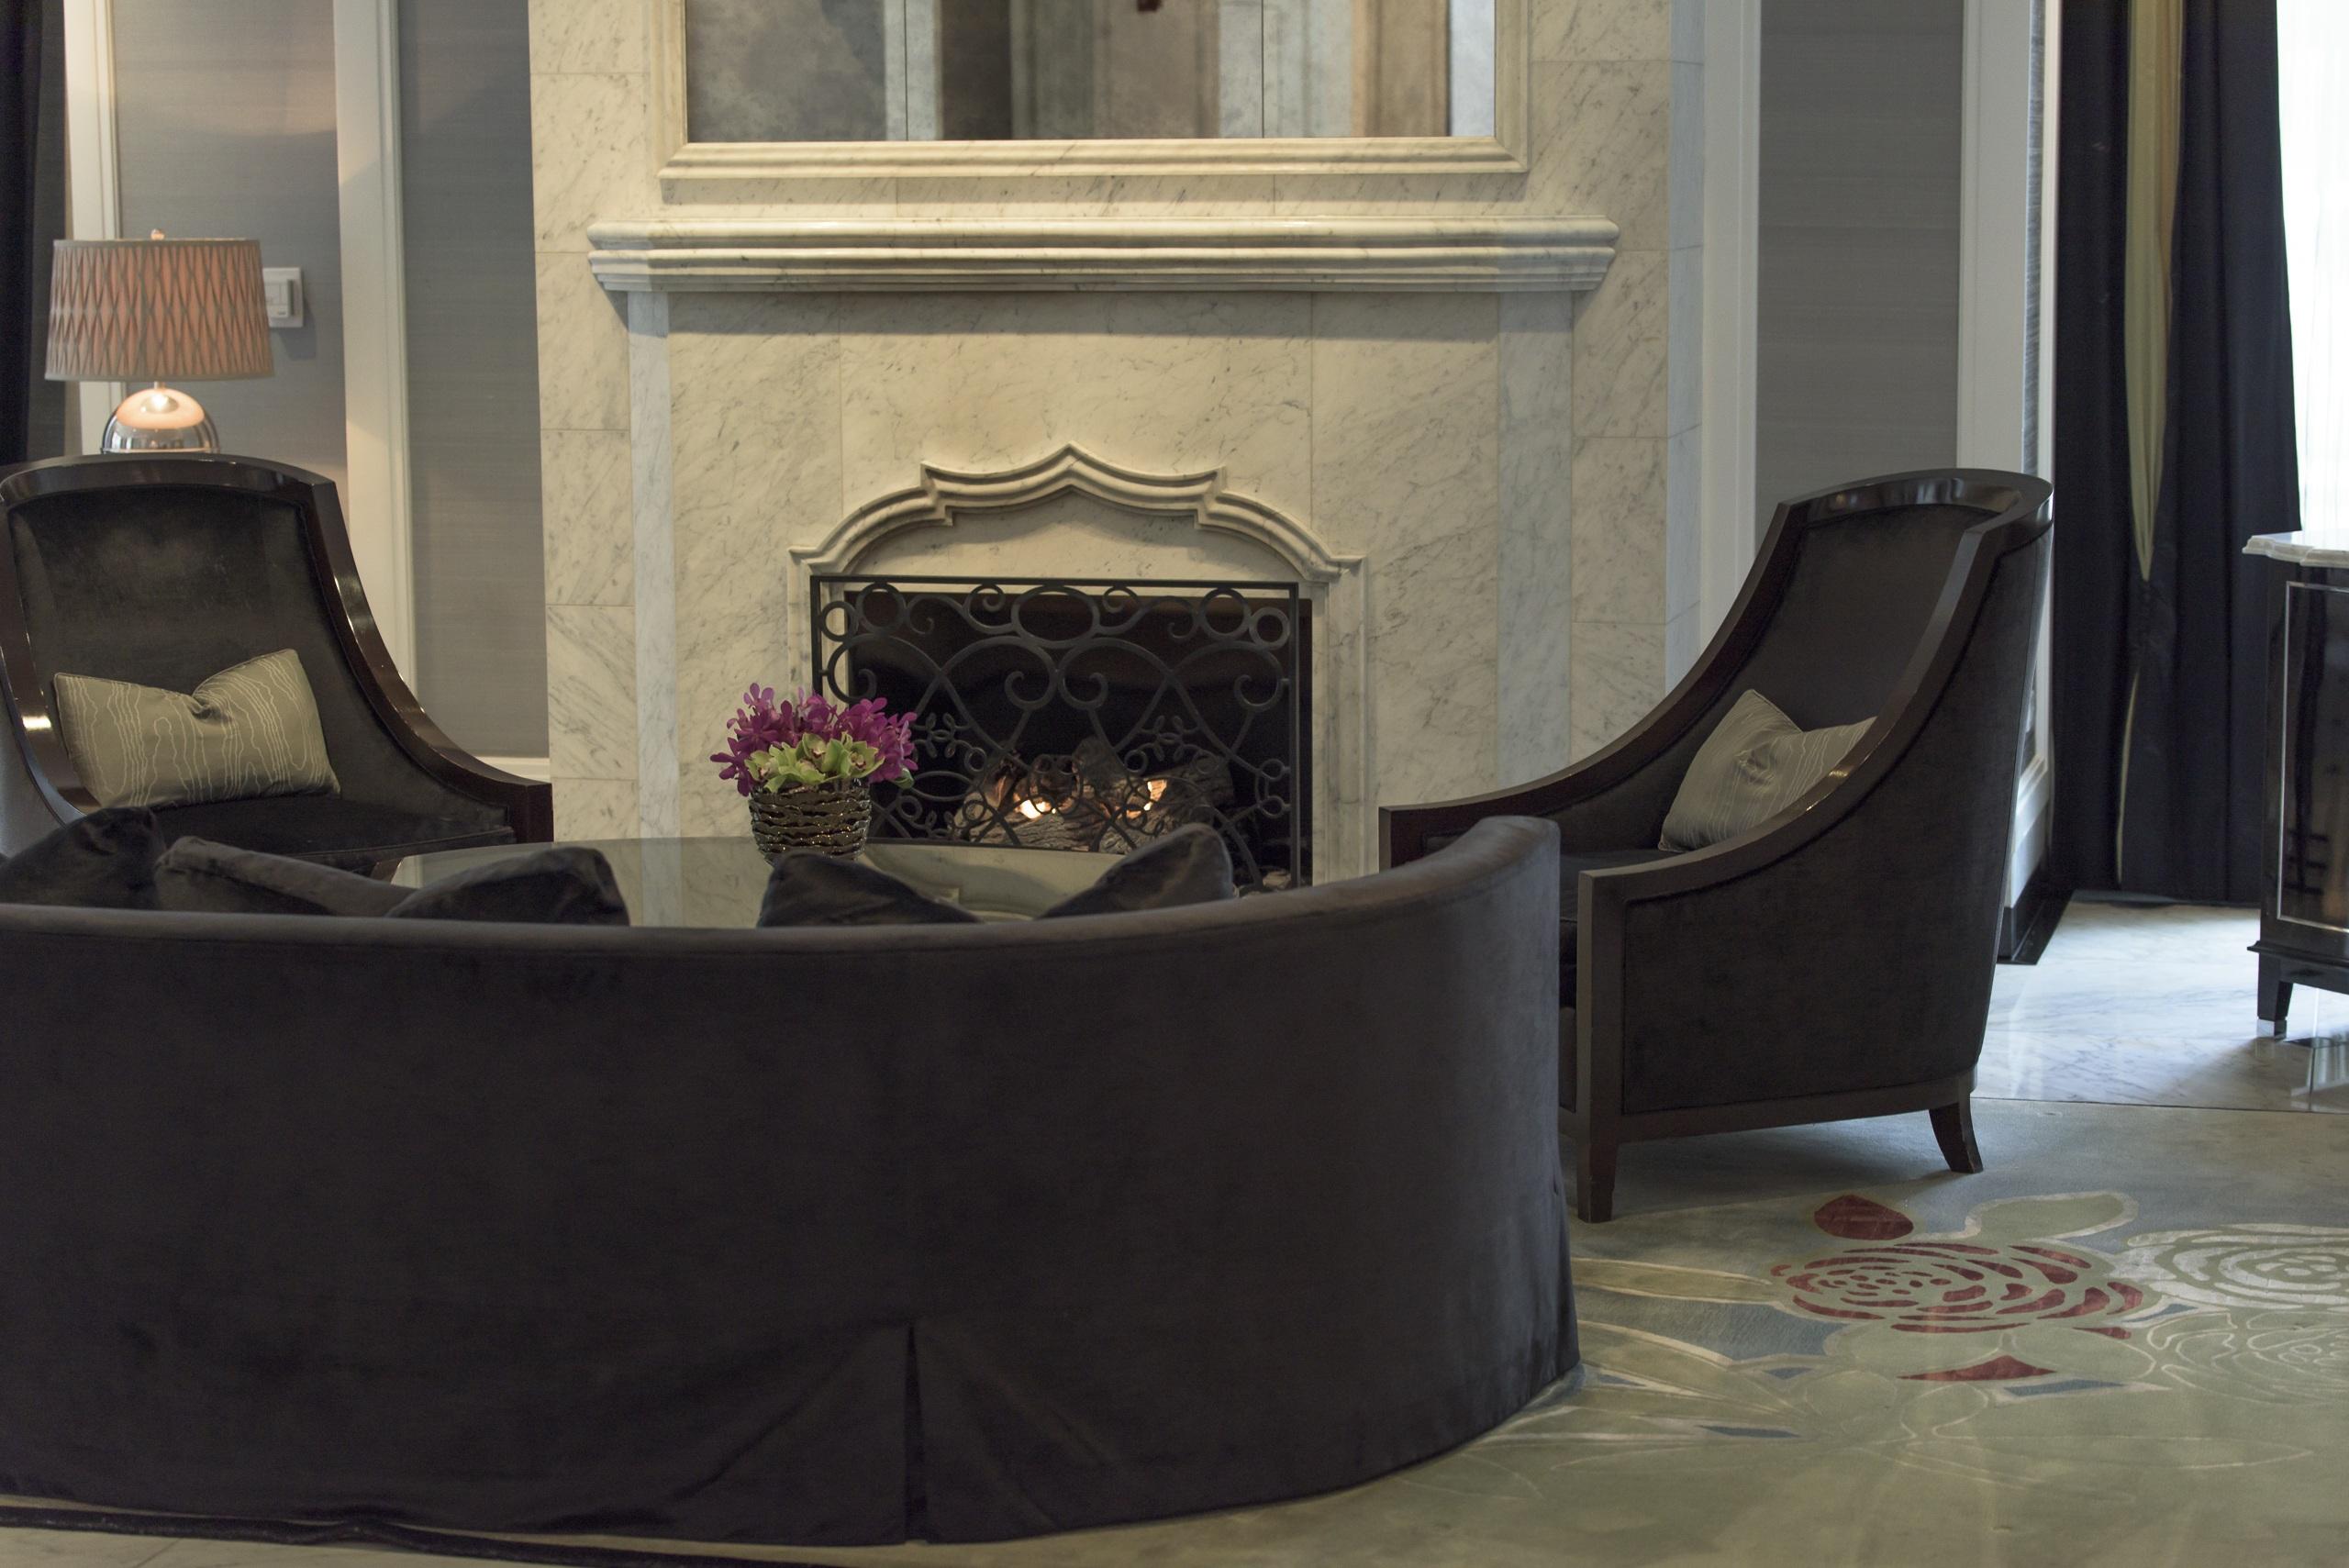 Images Gratuites : table, bois, chaise, sol, intérieur, maison, Feu ...